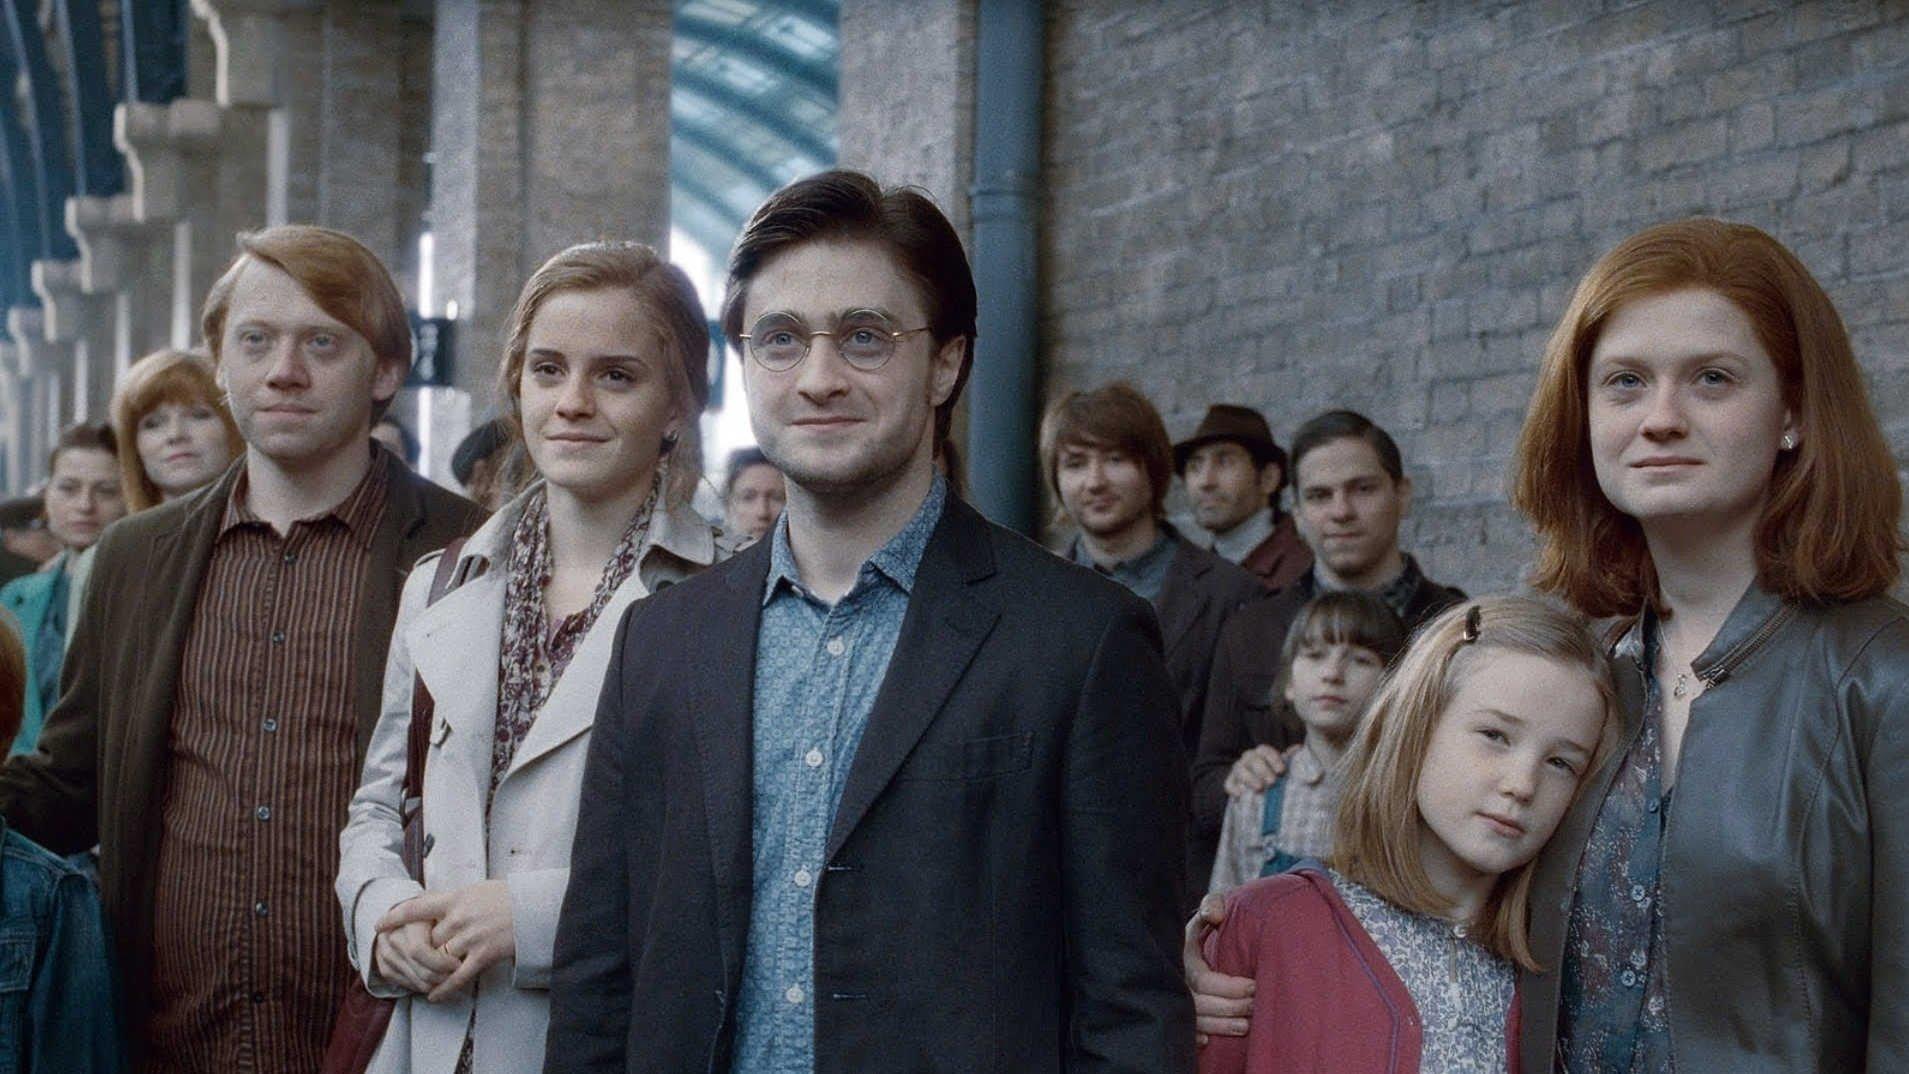 Harry Potter et les reliques de la mort (partie 2) - les coulisses du baiser entre Ron et Hermione